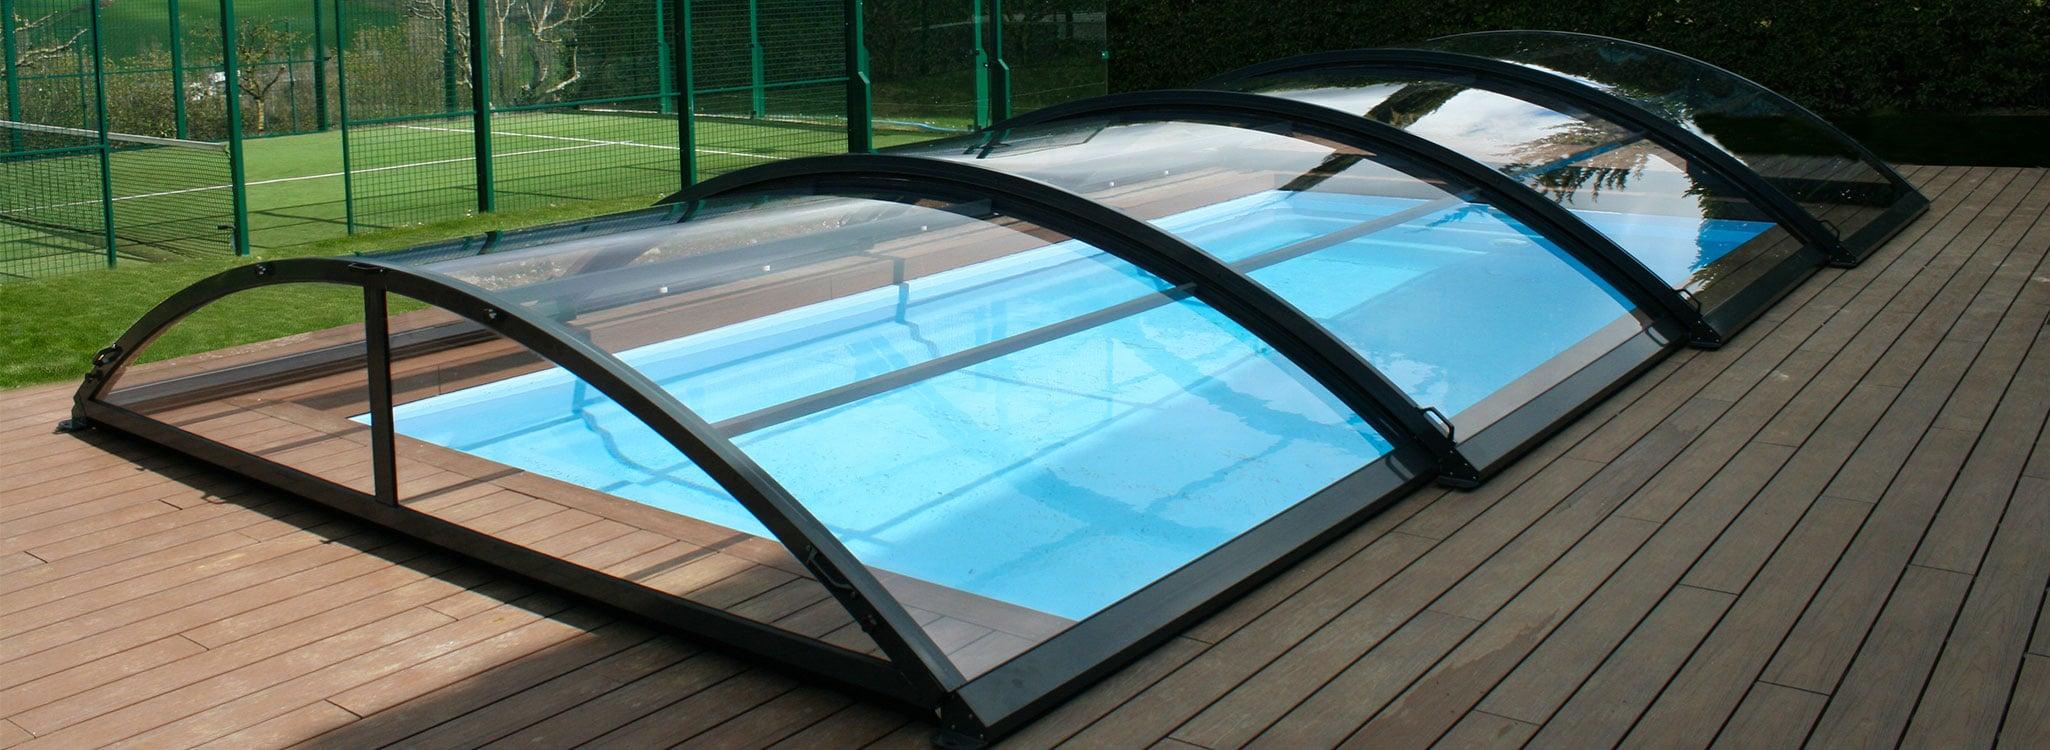 Madrid: Cubierta de piscina baja y telescópica